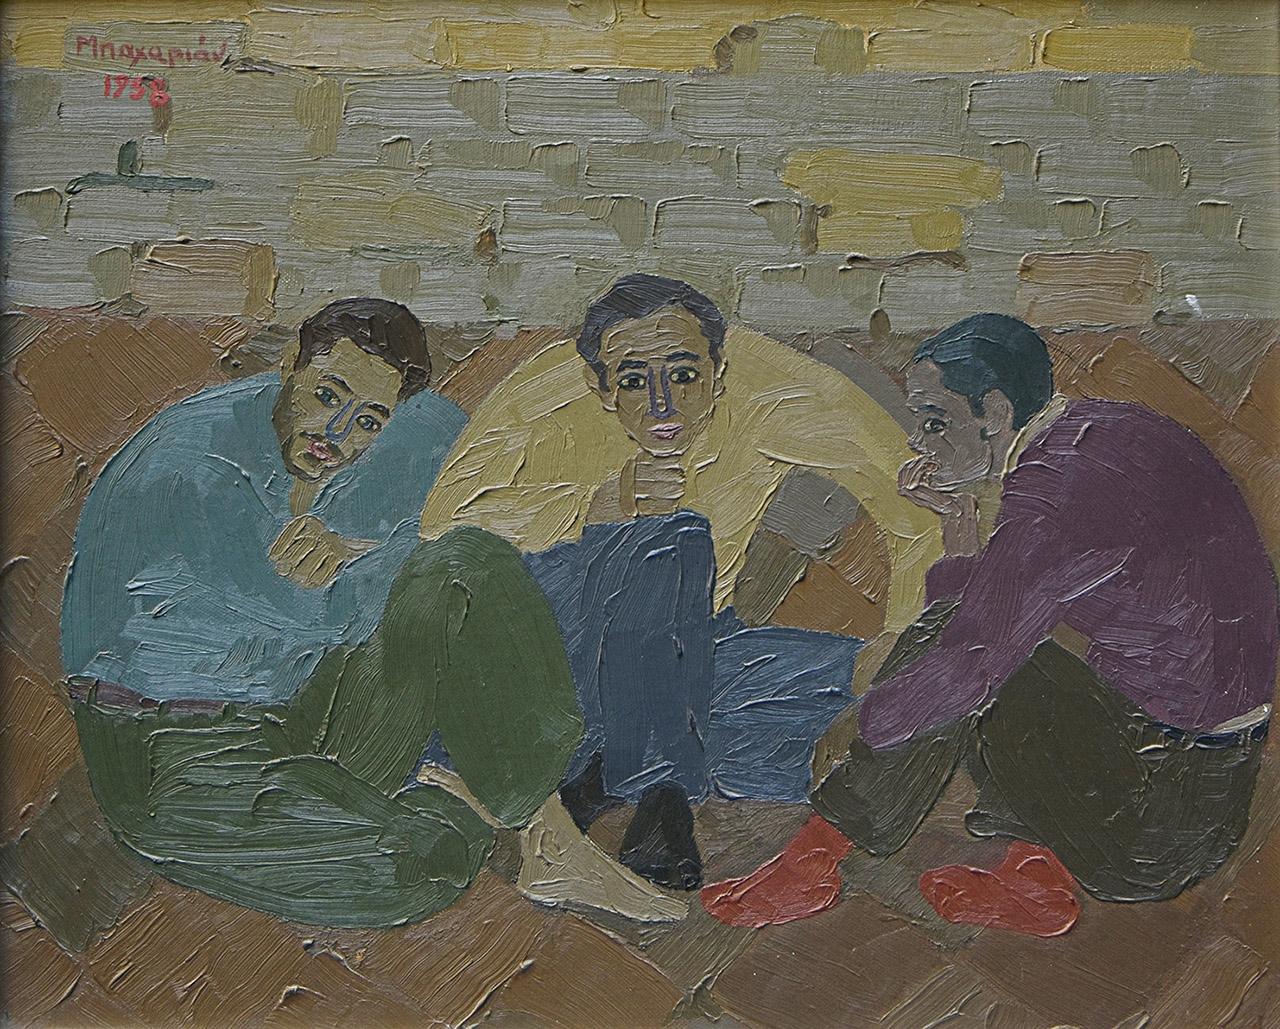 064. ΜΠΑΧΑΡΙΑΝ  Ασαντουρ (1924 -1990)